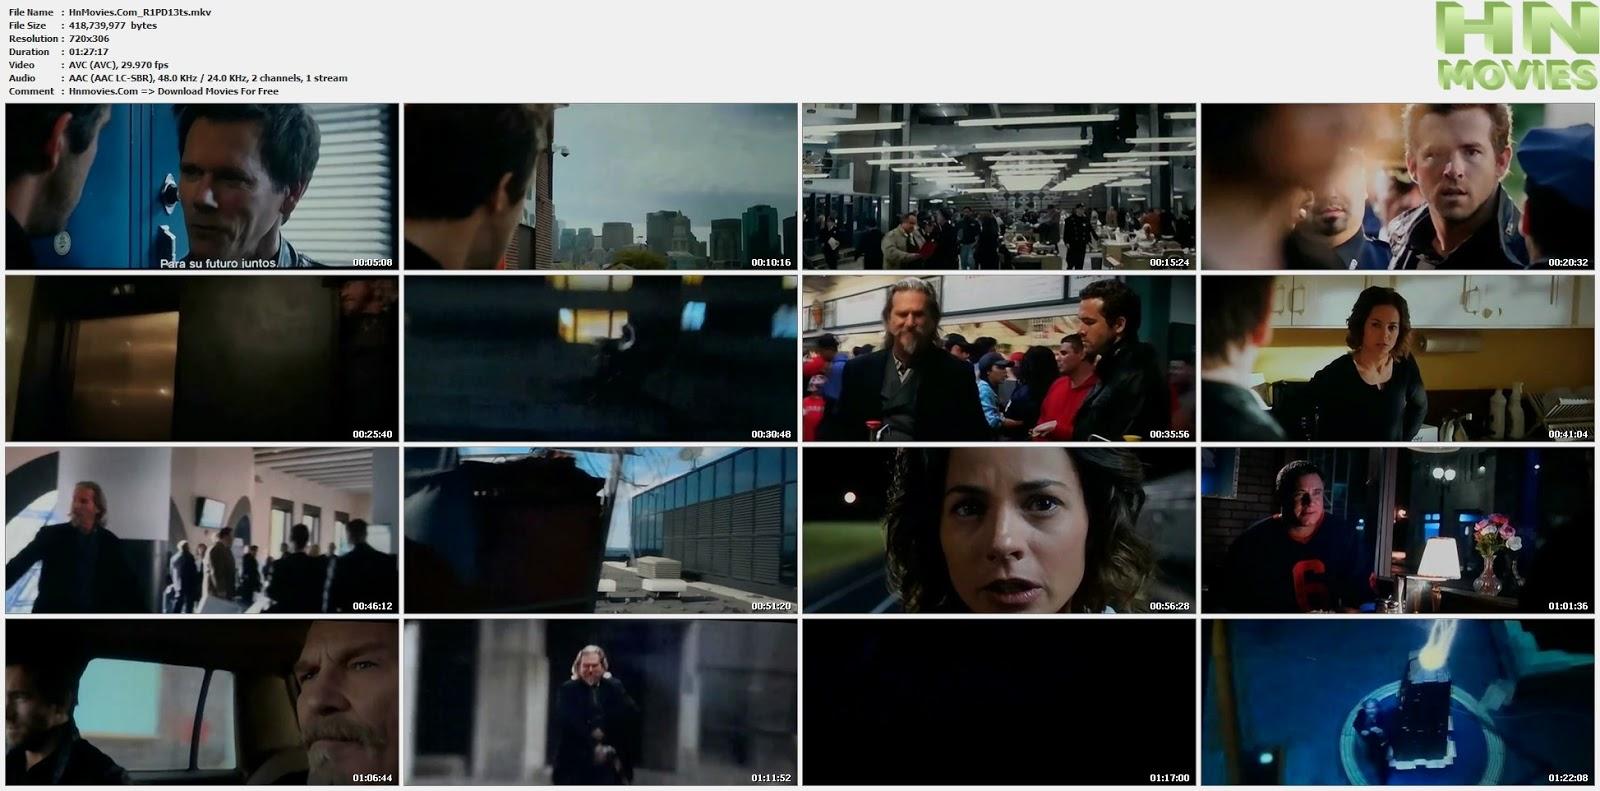 HnMovies.Com R1PD13ts.mkv